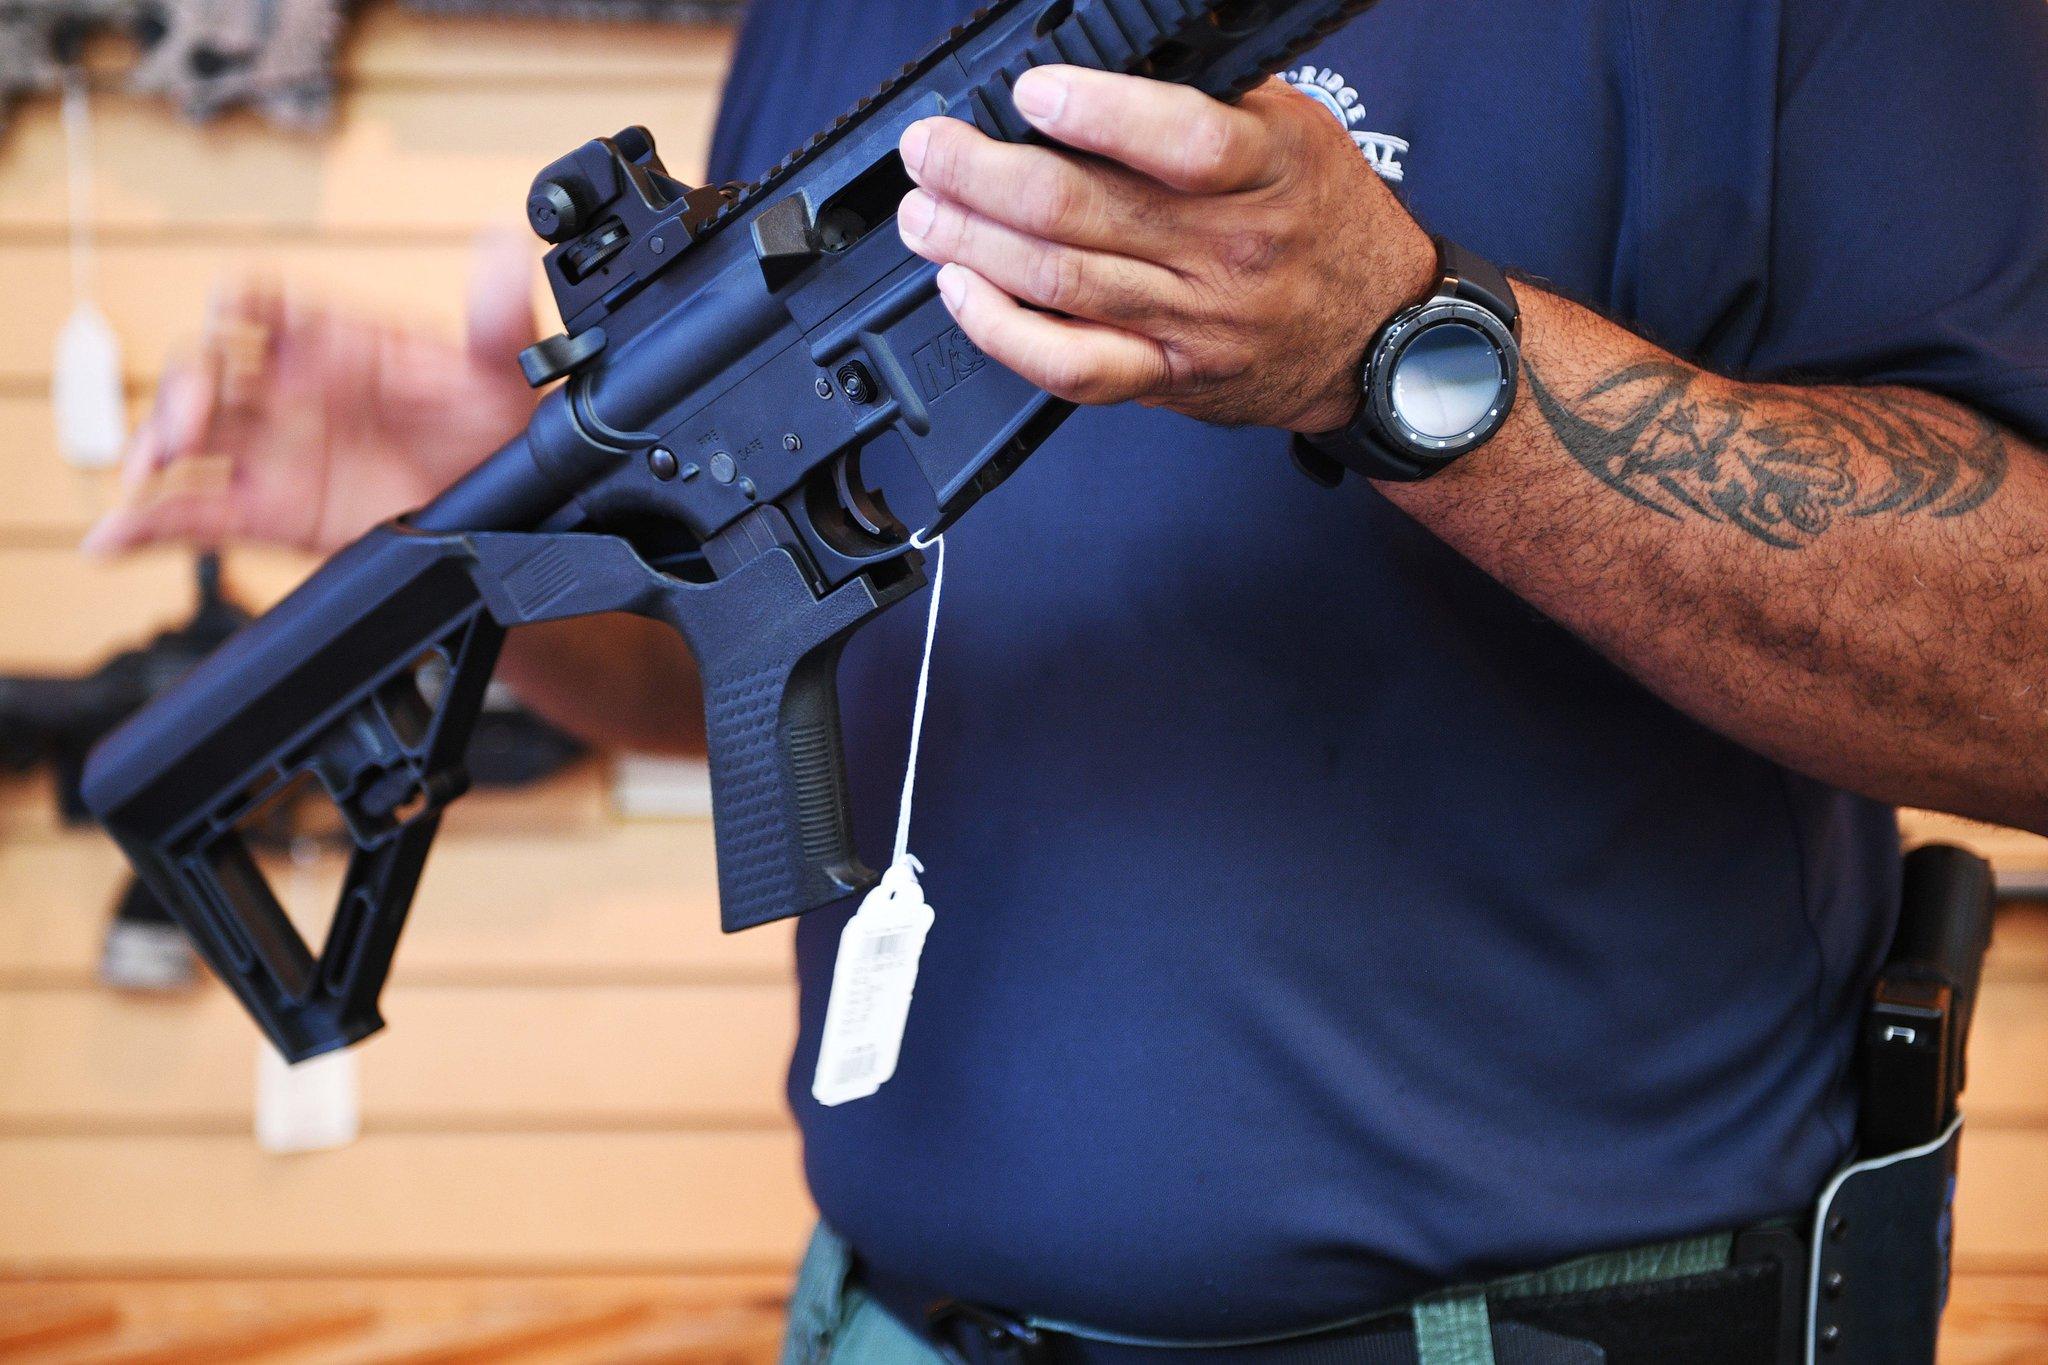 ////////خرید اسلحه در کشورهای جهان چقدر طول می کشد؟+تصاویر